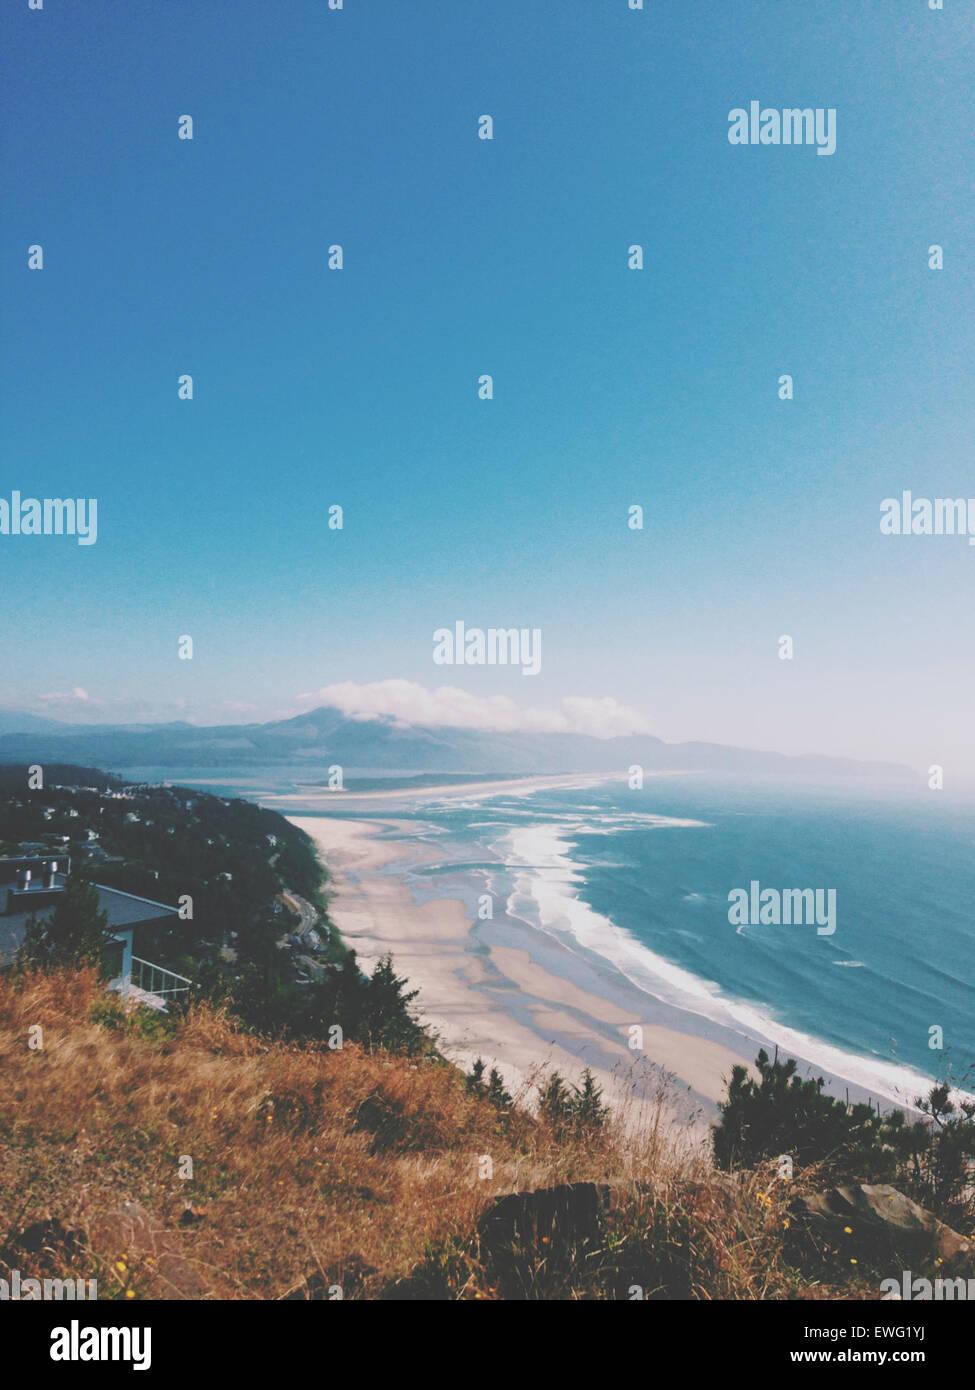 Rivage de sable Horizon Hill mer océan plage côte piscine terre ciel vagues vue panoramique à partir Photo Stock